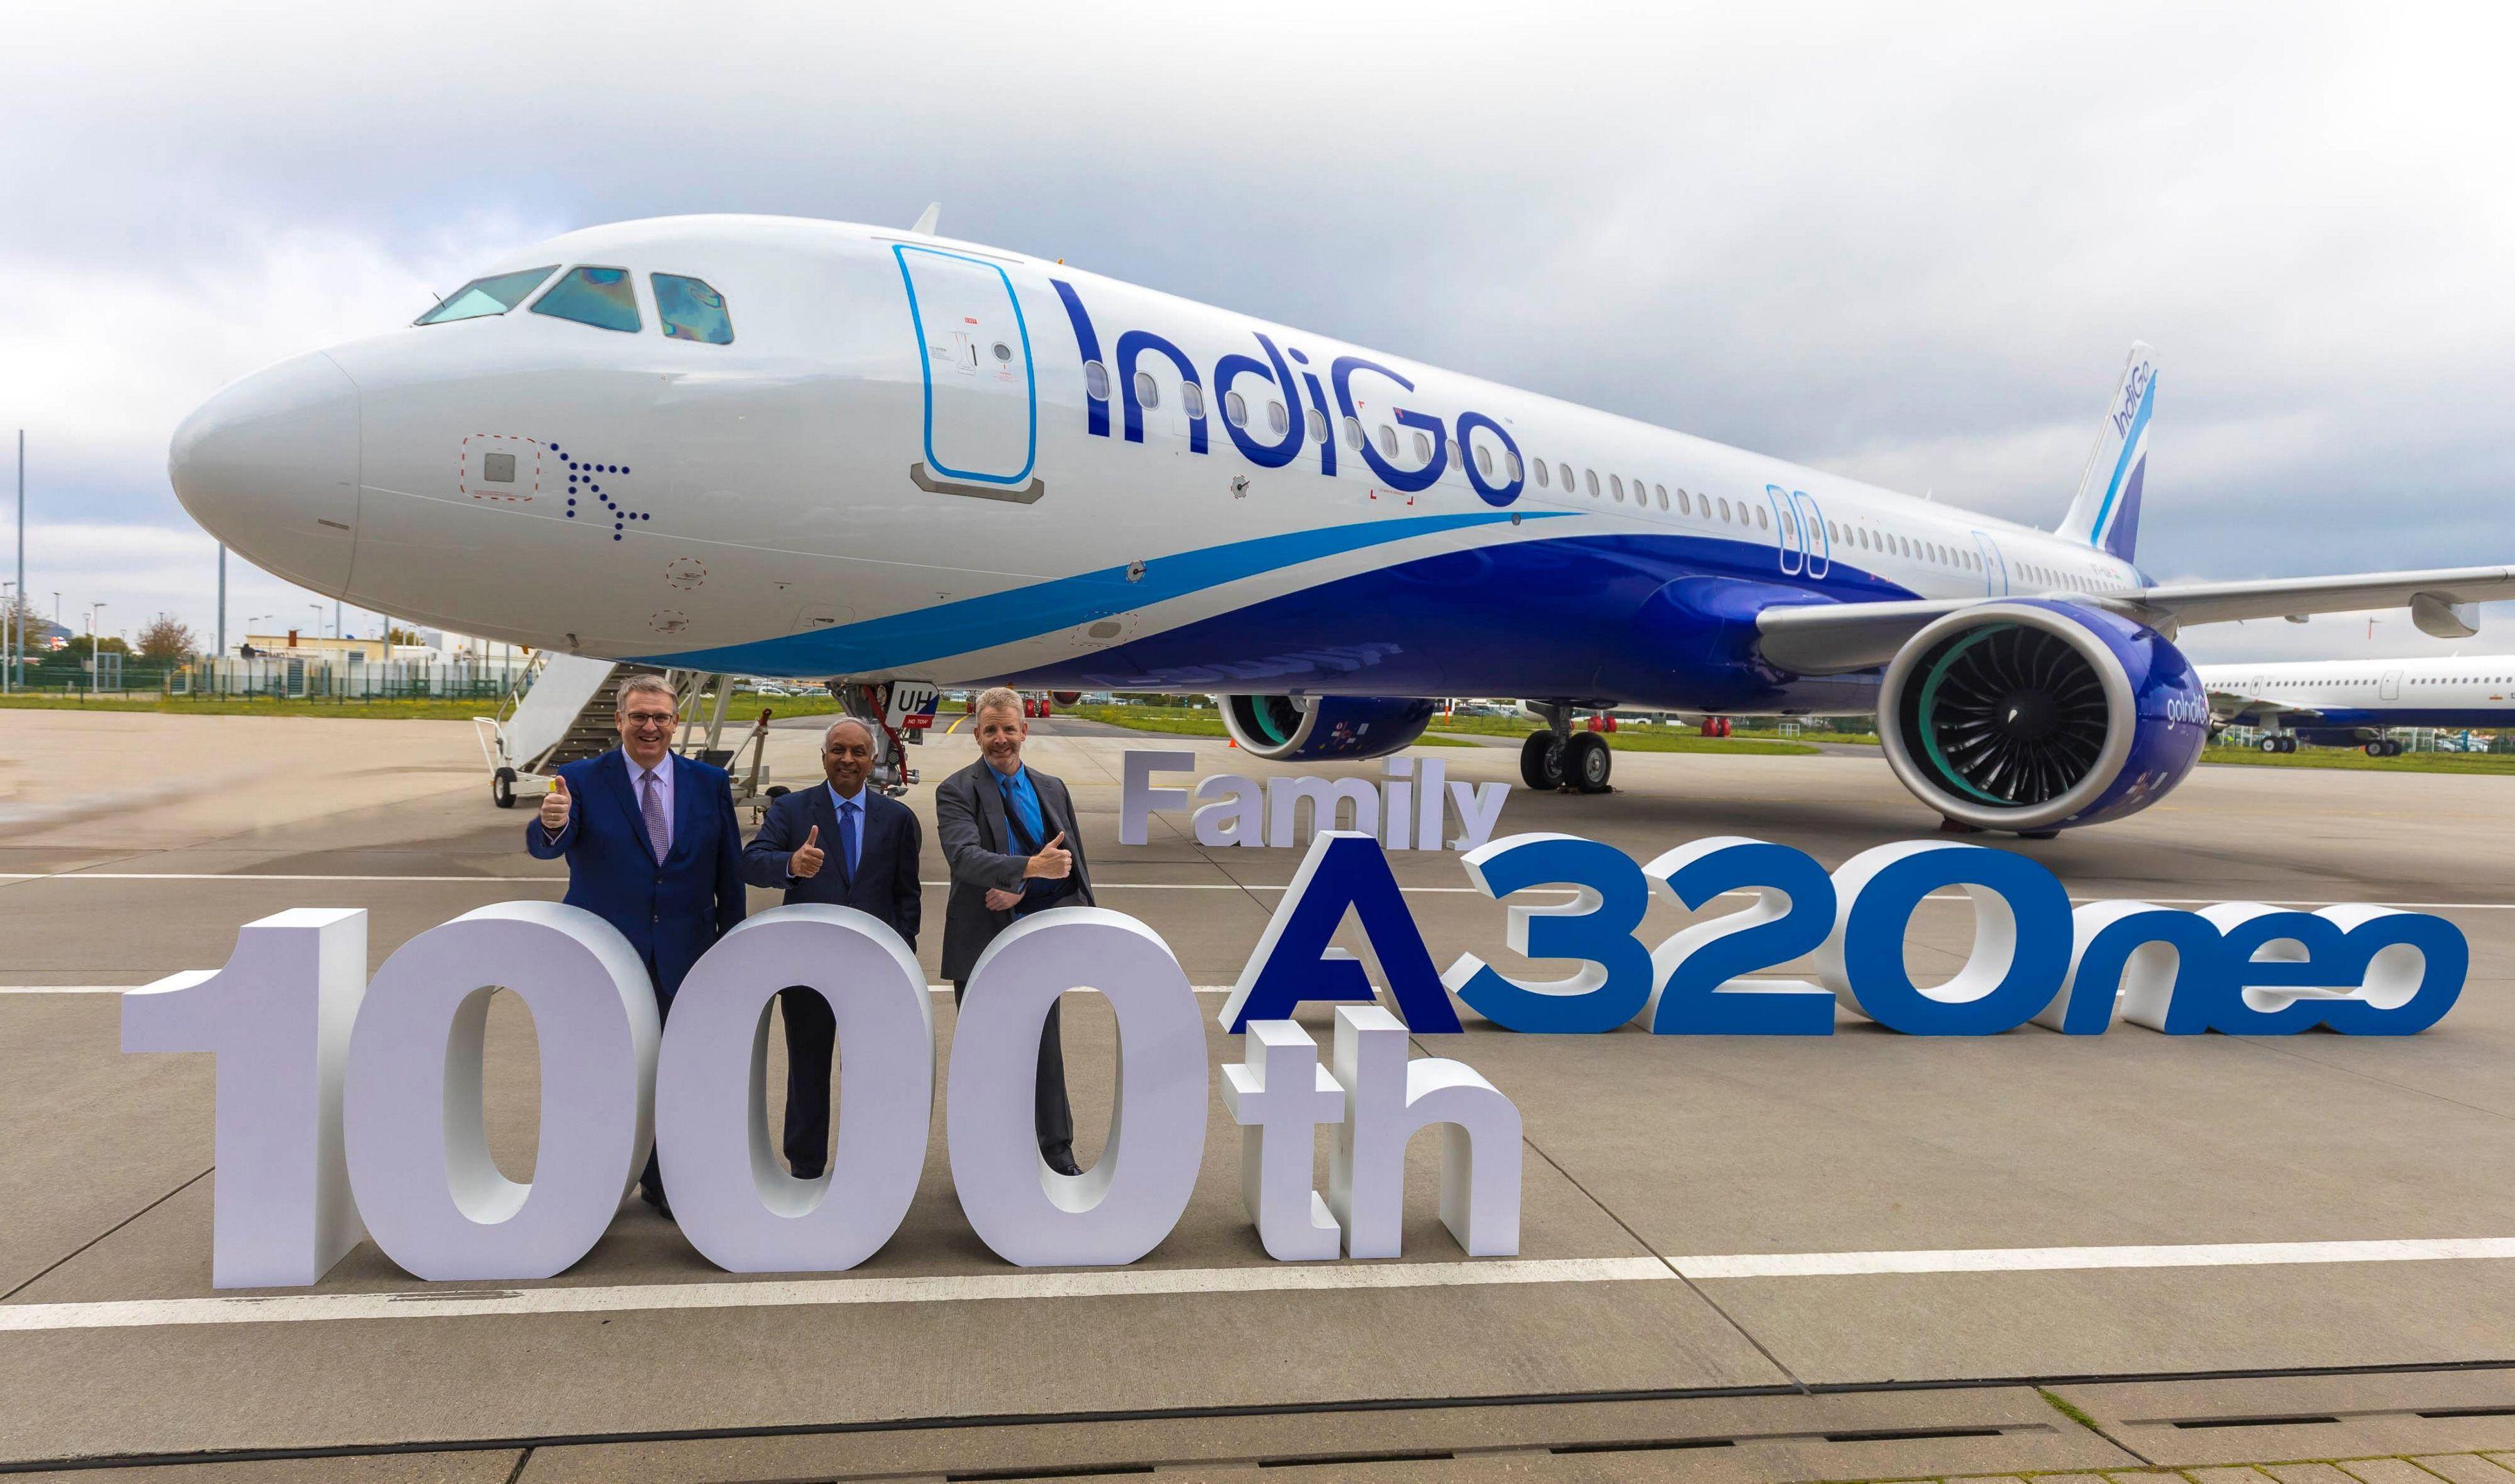 Fra leveringen af fly nummer 1.000 fra Airbus A320neo-familien, en A321neo til indiske Indigo, ses fra venstre chefen for Airbus' A320-program, Michael Menking, Indigos koncernchef, Rono Dutta, og Michael Culhane, vicedirektør for leasingfirmaet CDB Aviation Lease Finance. Pressefoto fra Airbus.